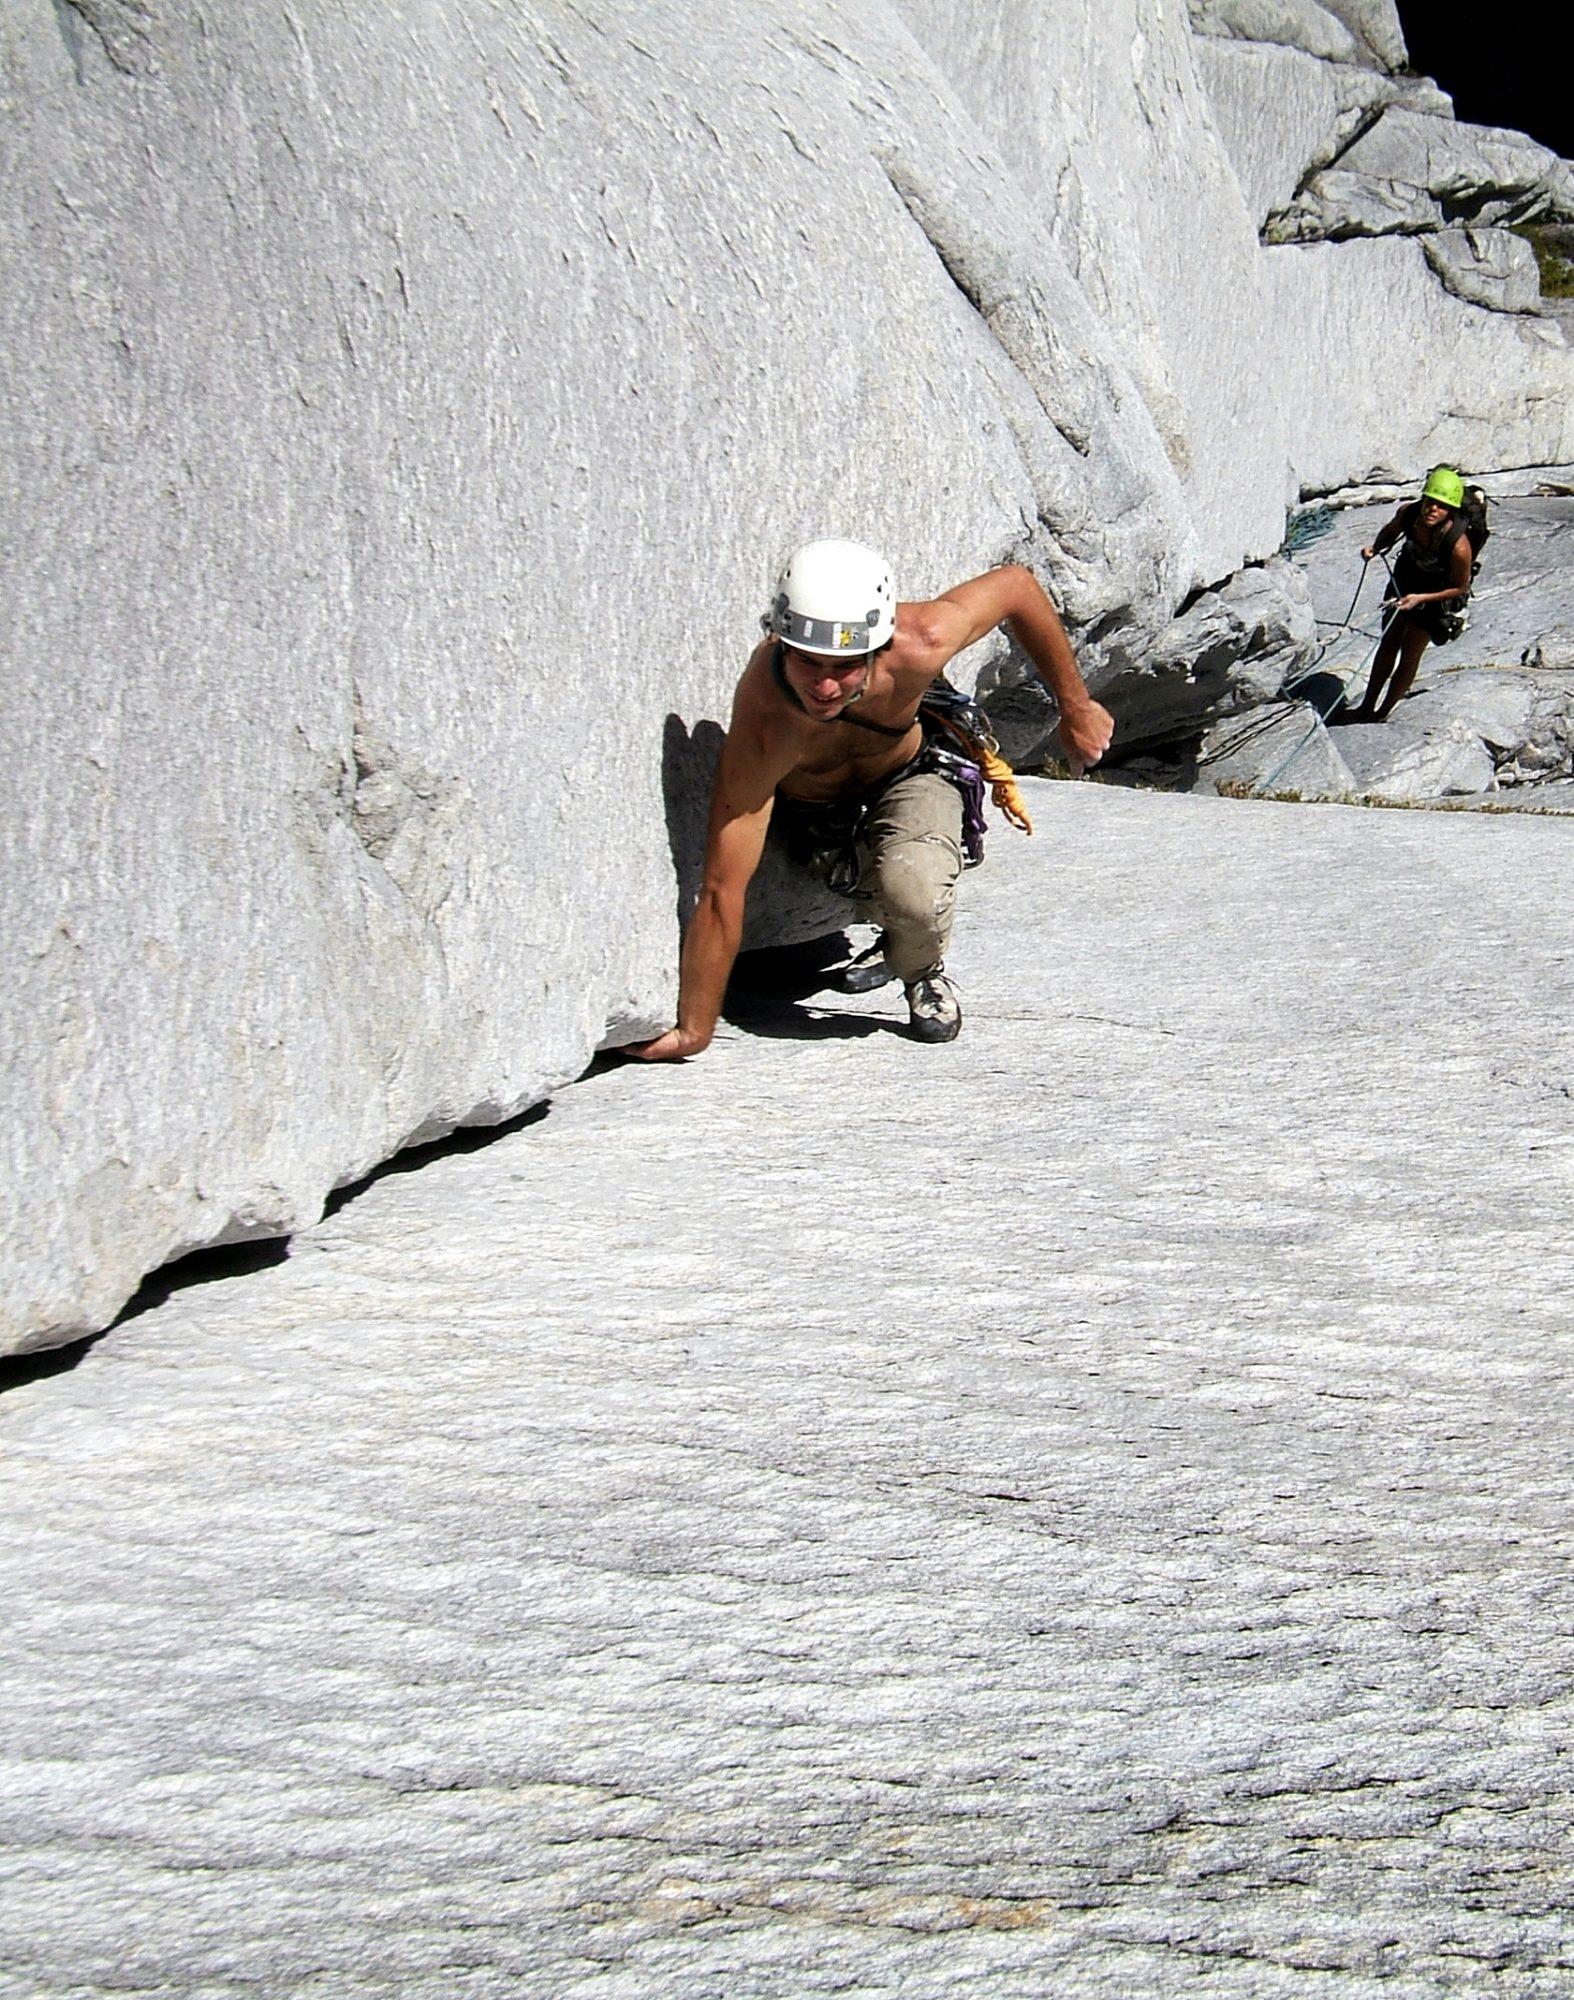 Subiendo el 5° largo de Camp Farm (5.10c, 300 m) en Cerro La Junta - Valle La Junta. © Jens Richter